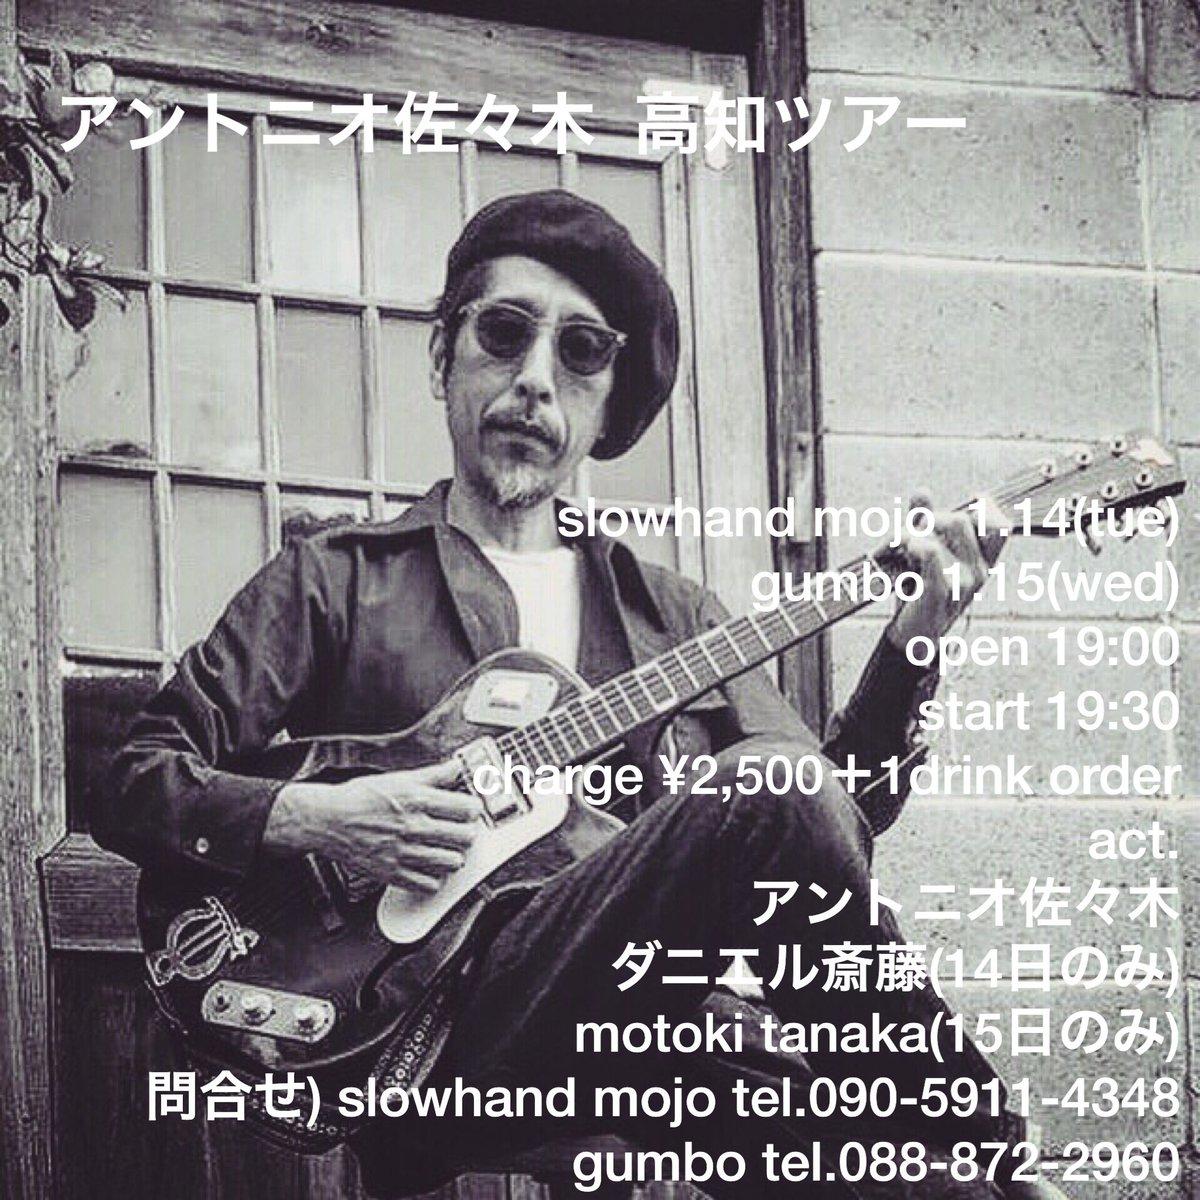 アントニオ 斎藤